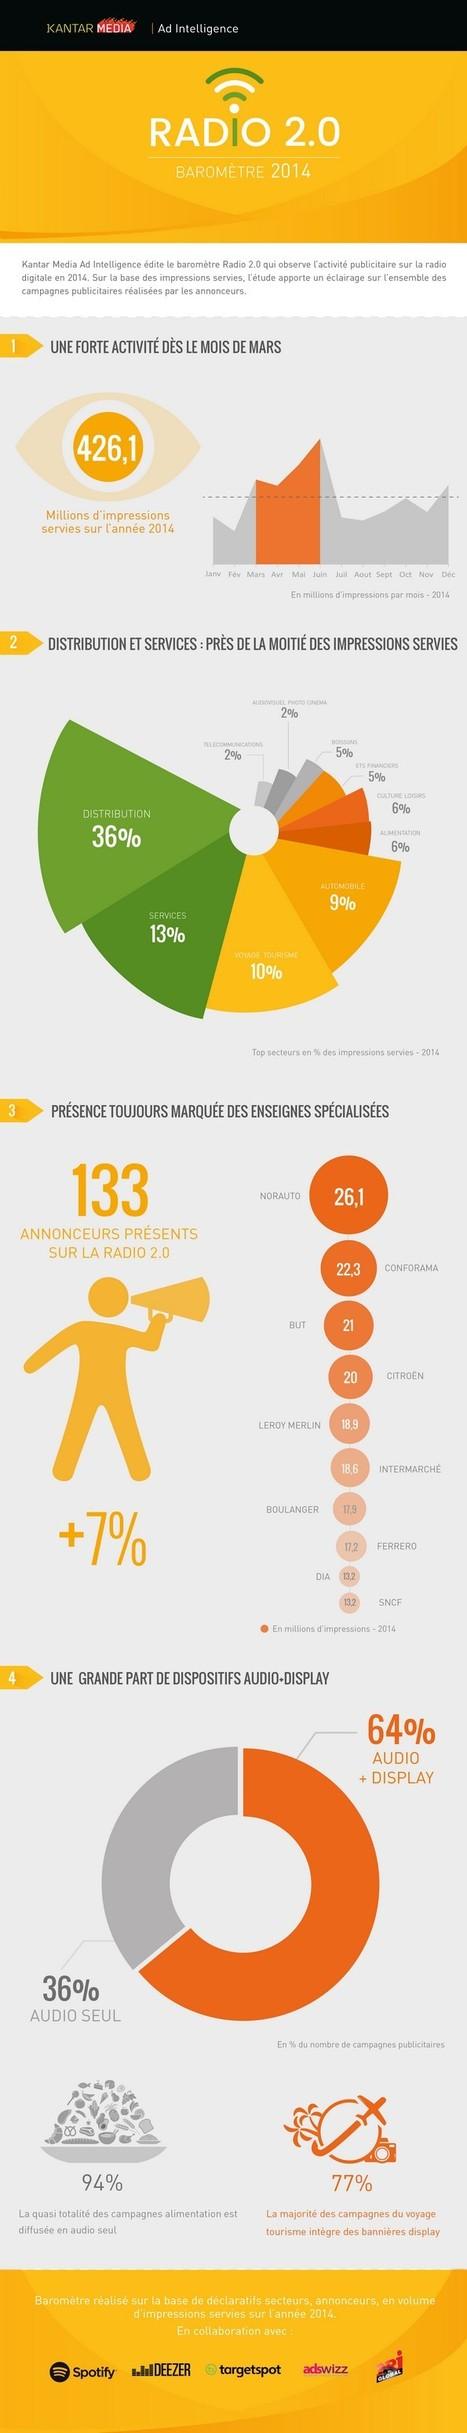 Infographie : l'activité publicitaire sur la RADIO 2.0 en 2014, par Kantar Media Ad Intelligence - Offremedia | Radio 2.0 (En & Fr) | Scoop.it